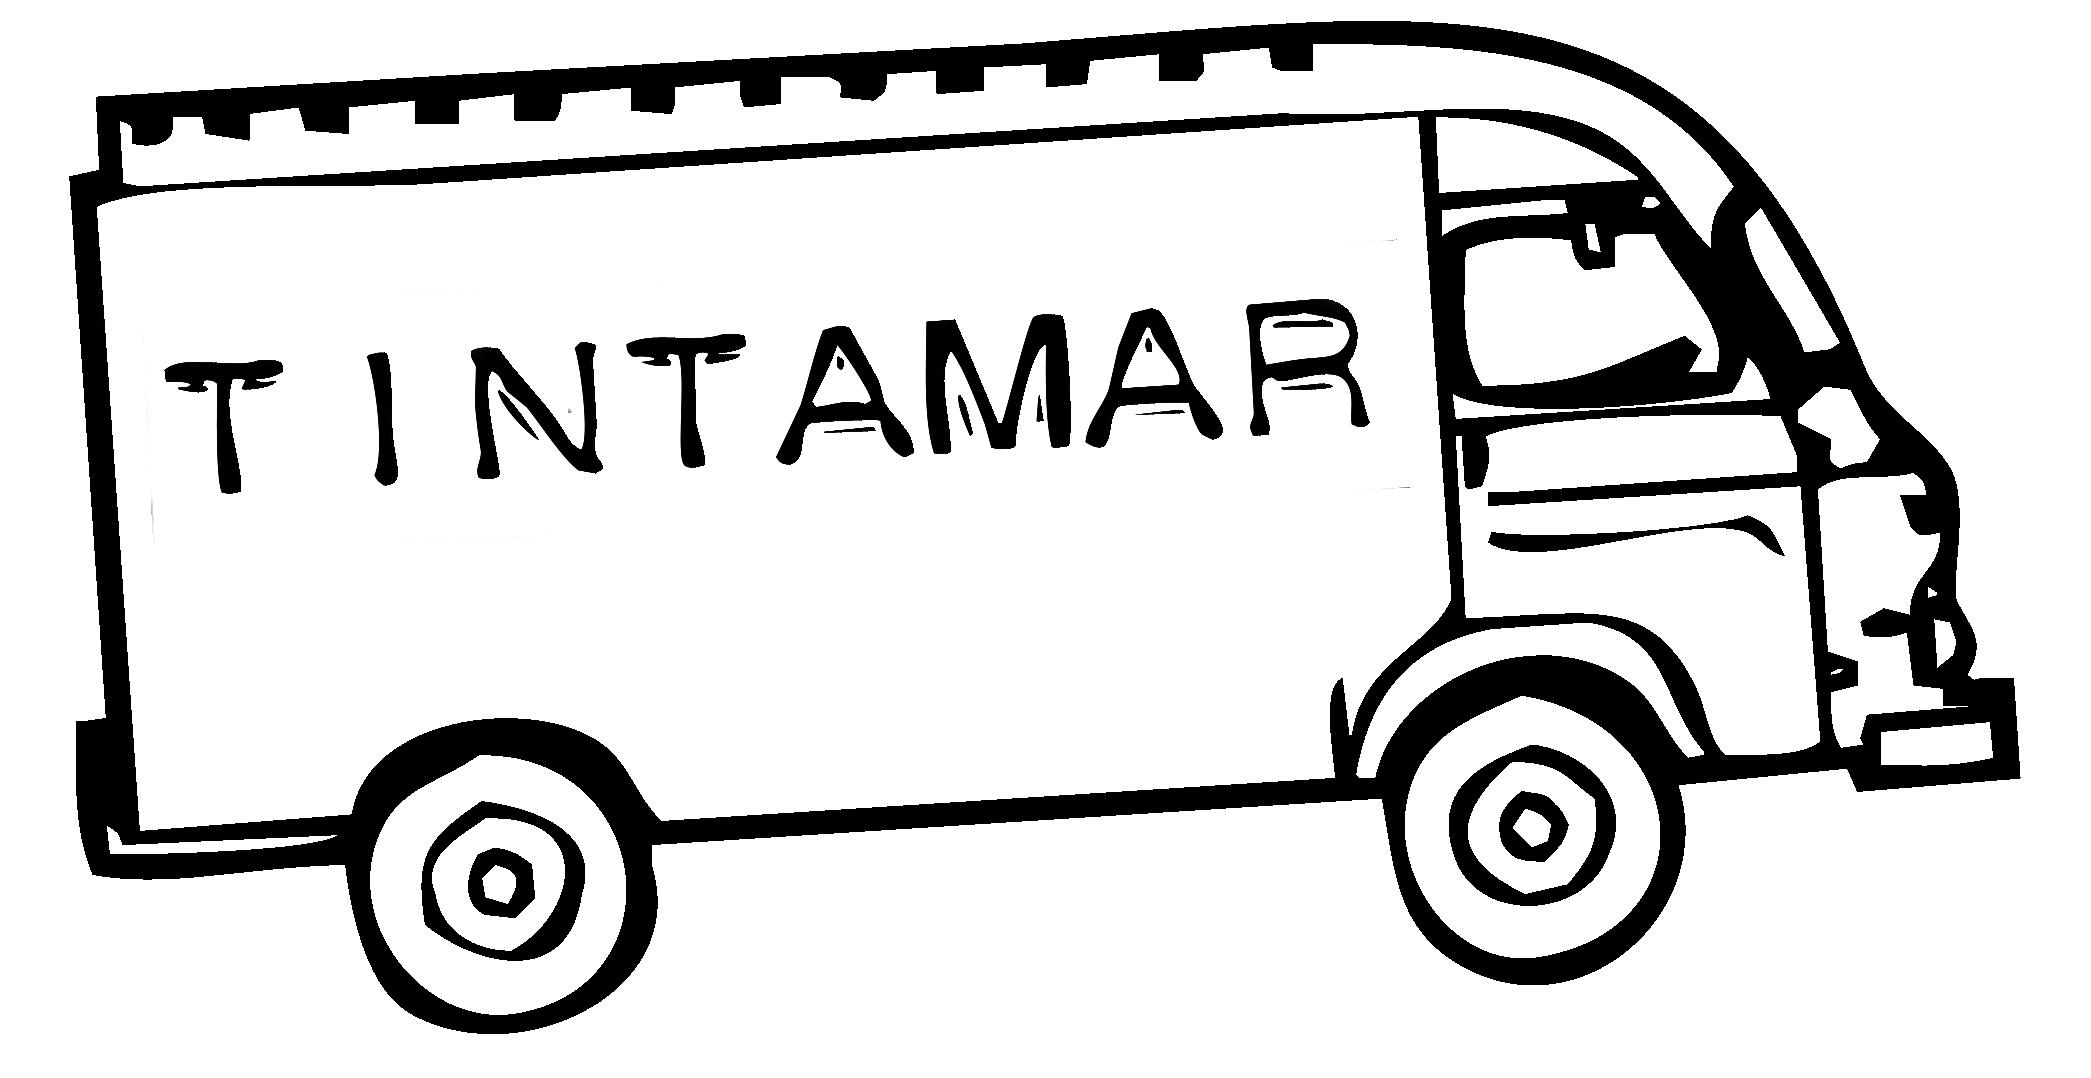 logo-tintamar-noir-web